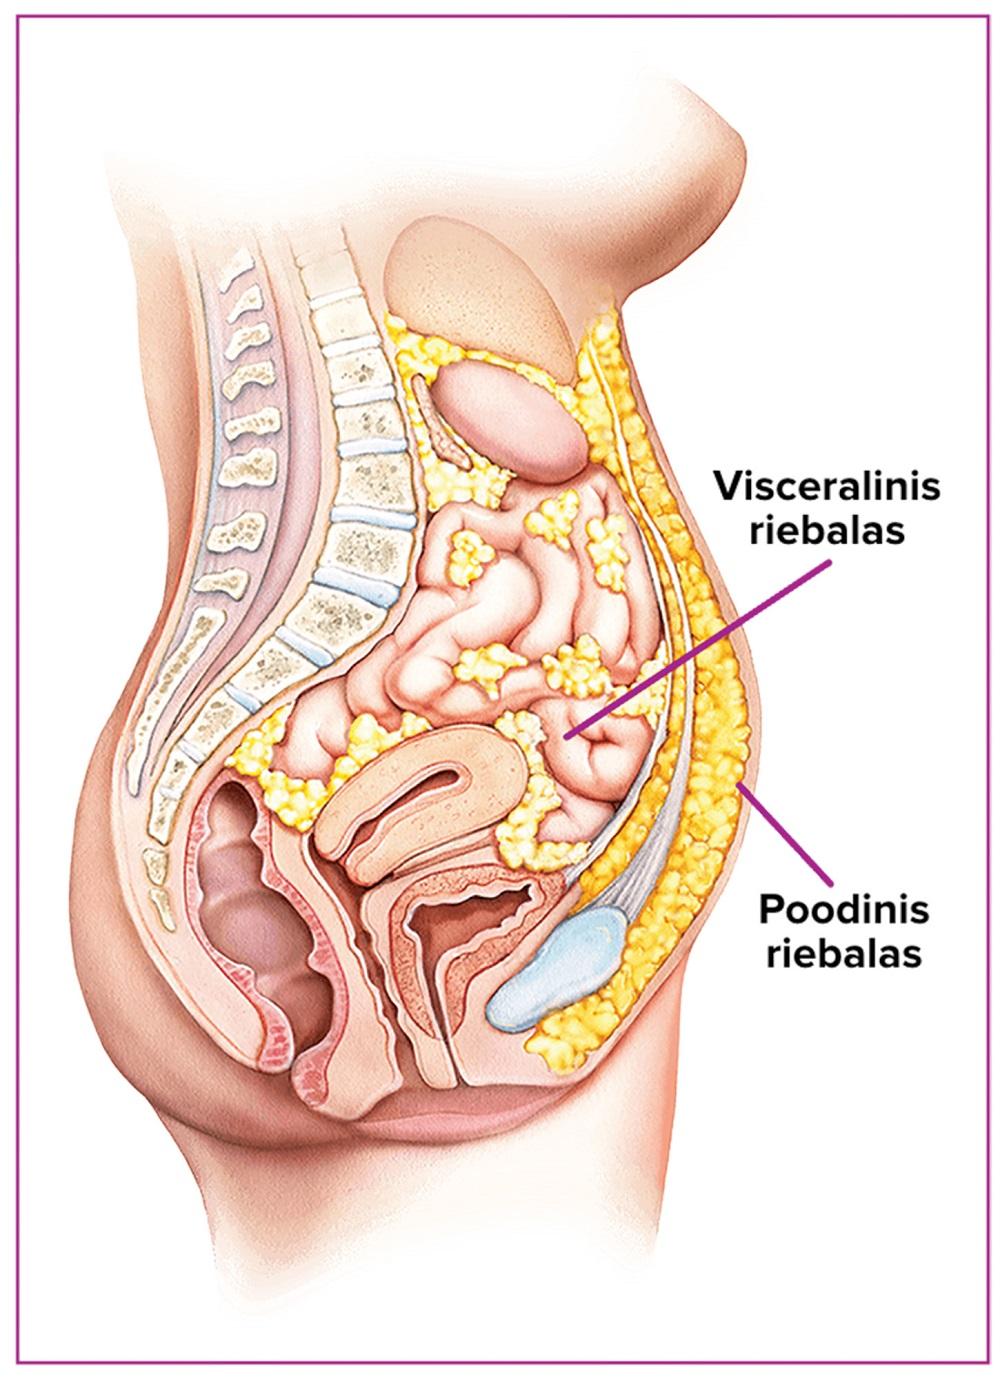 Vidiniai riebalai nesikaupia aplink rankas ar šlaunis – jais aptenka mūsų liemuo bei vidaus organai.